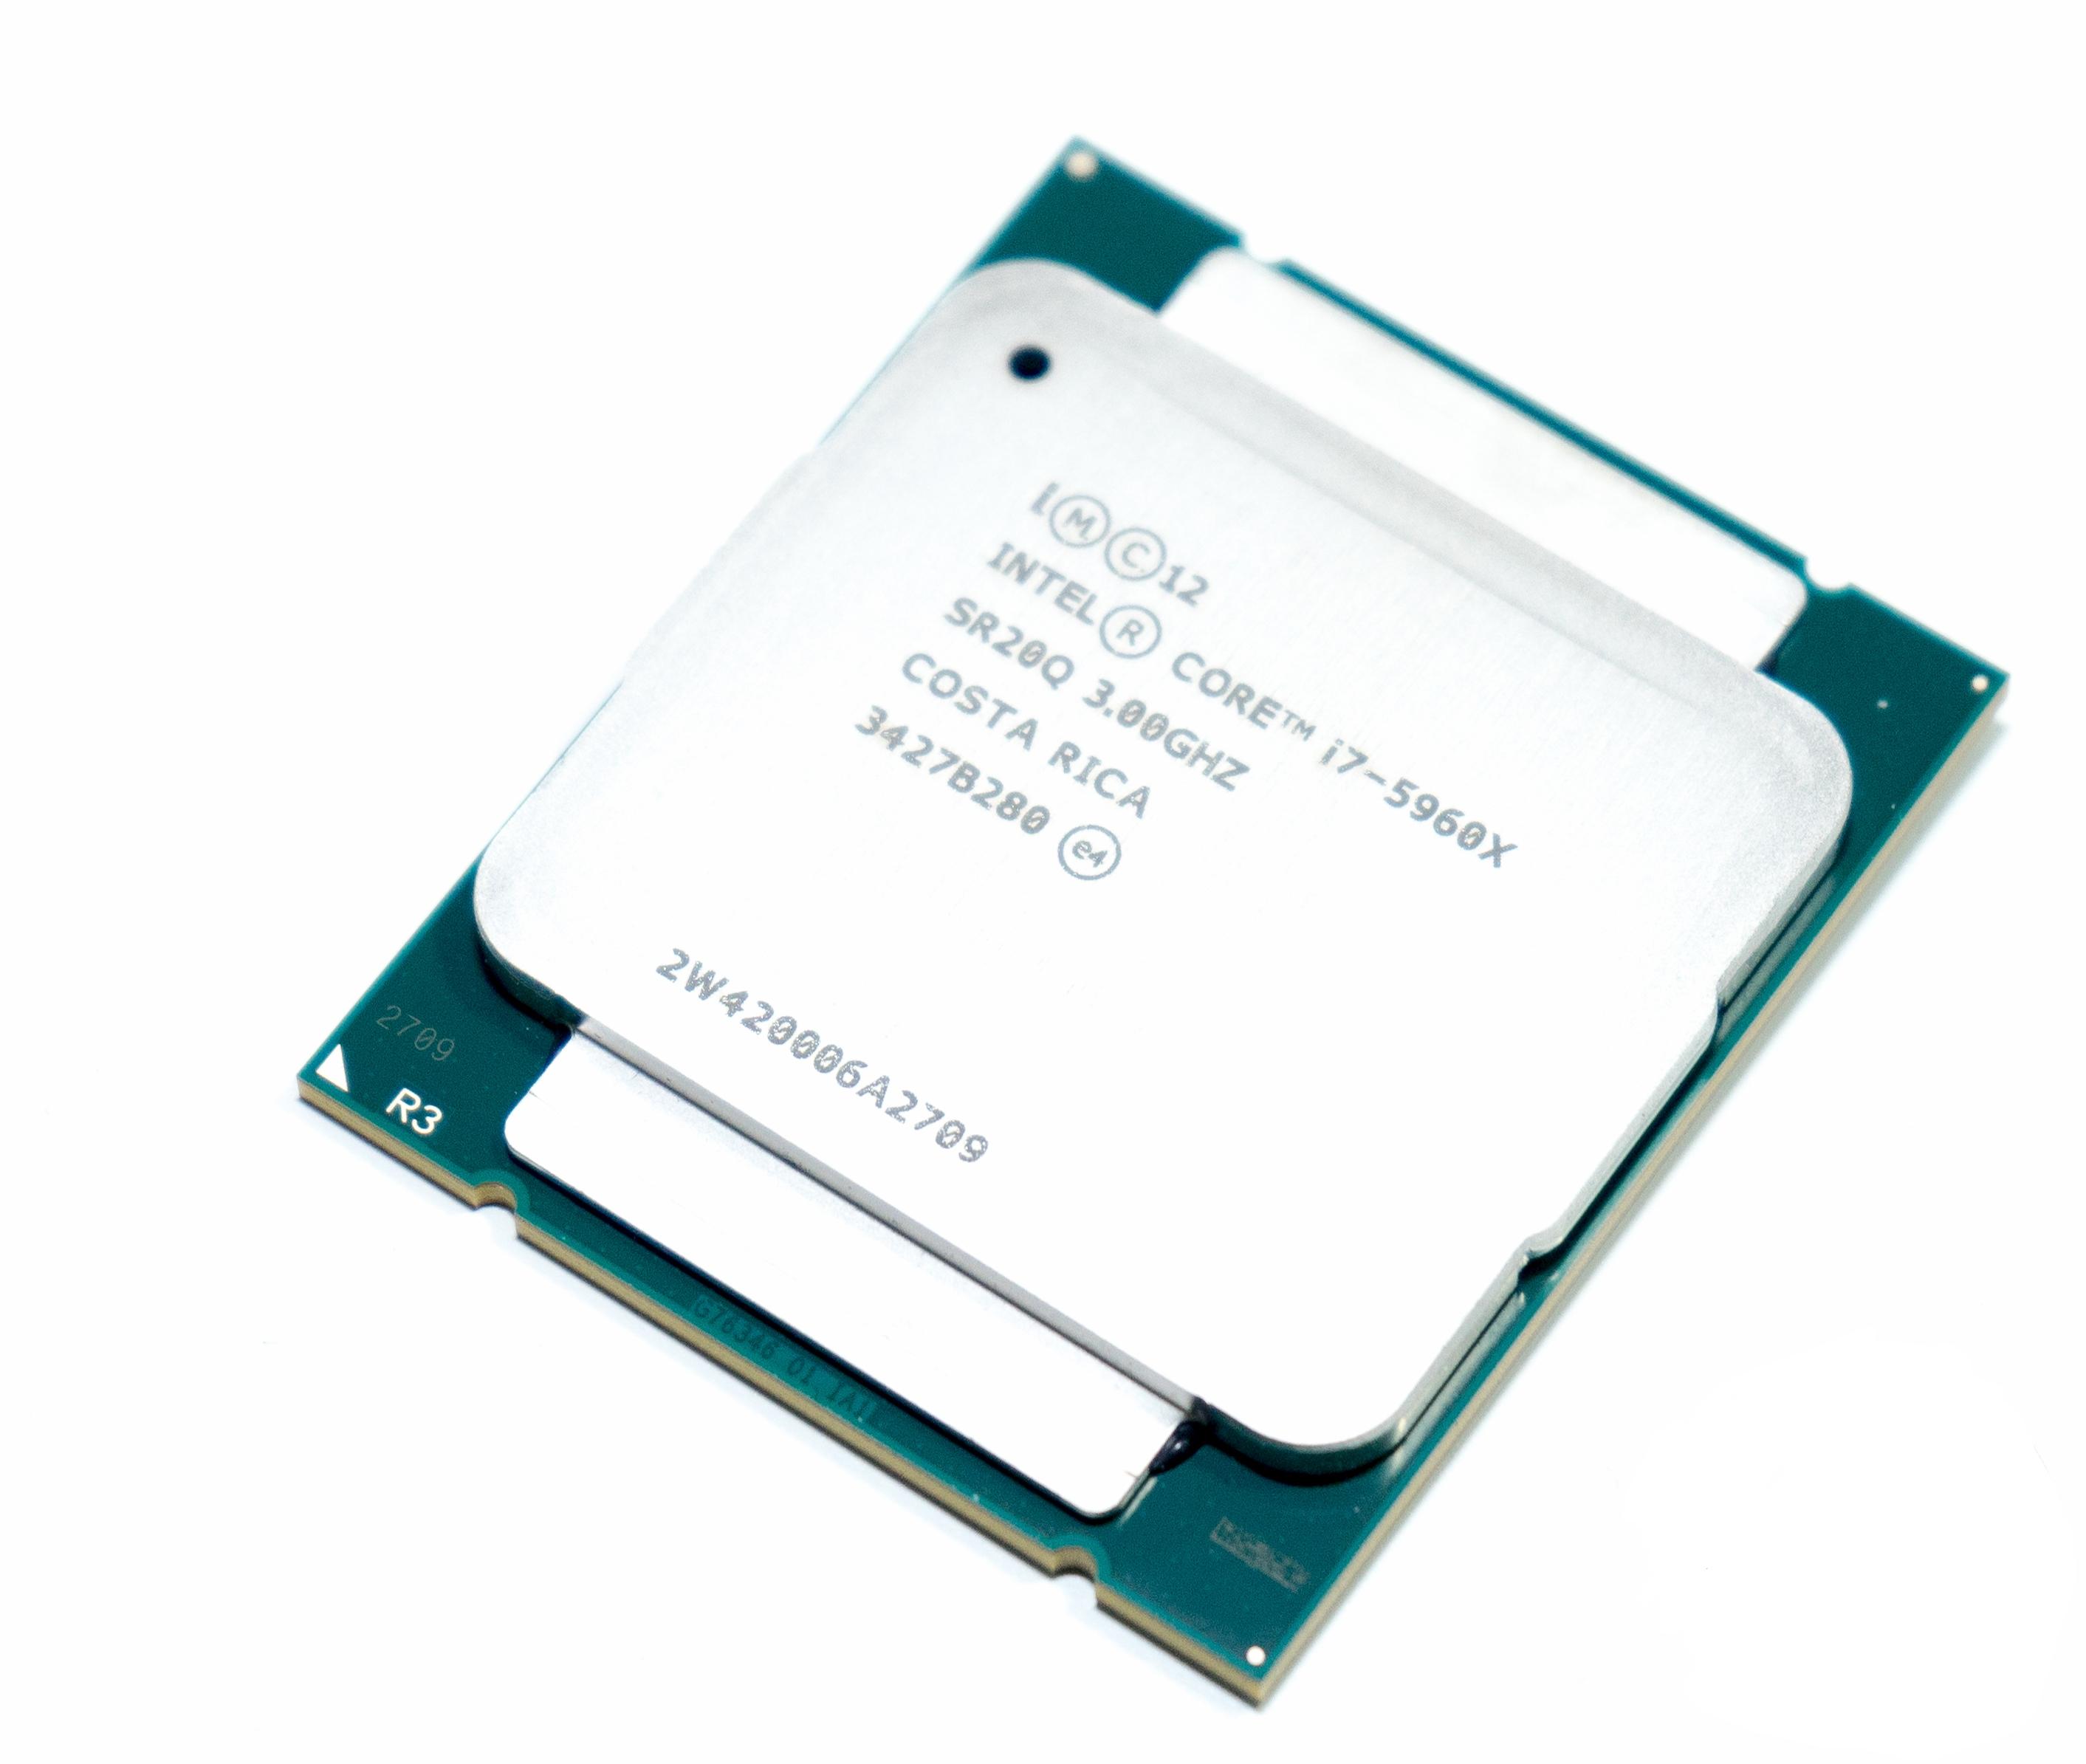 i7-5960x